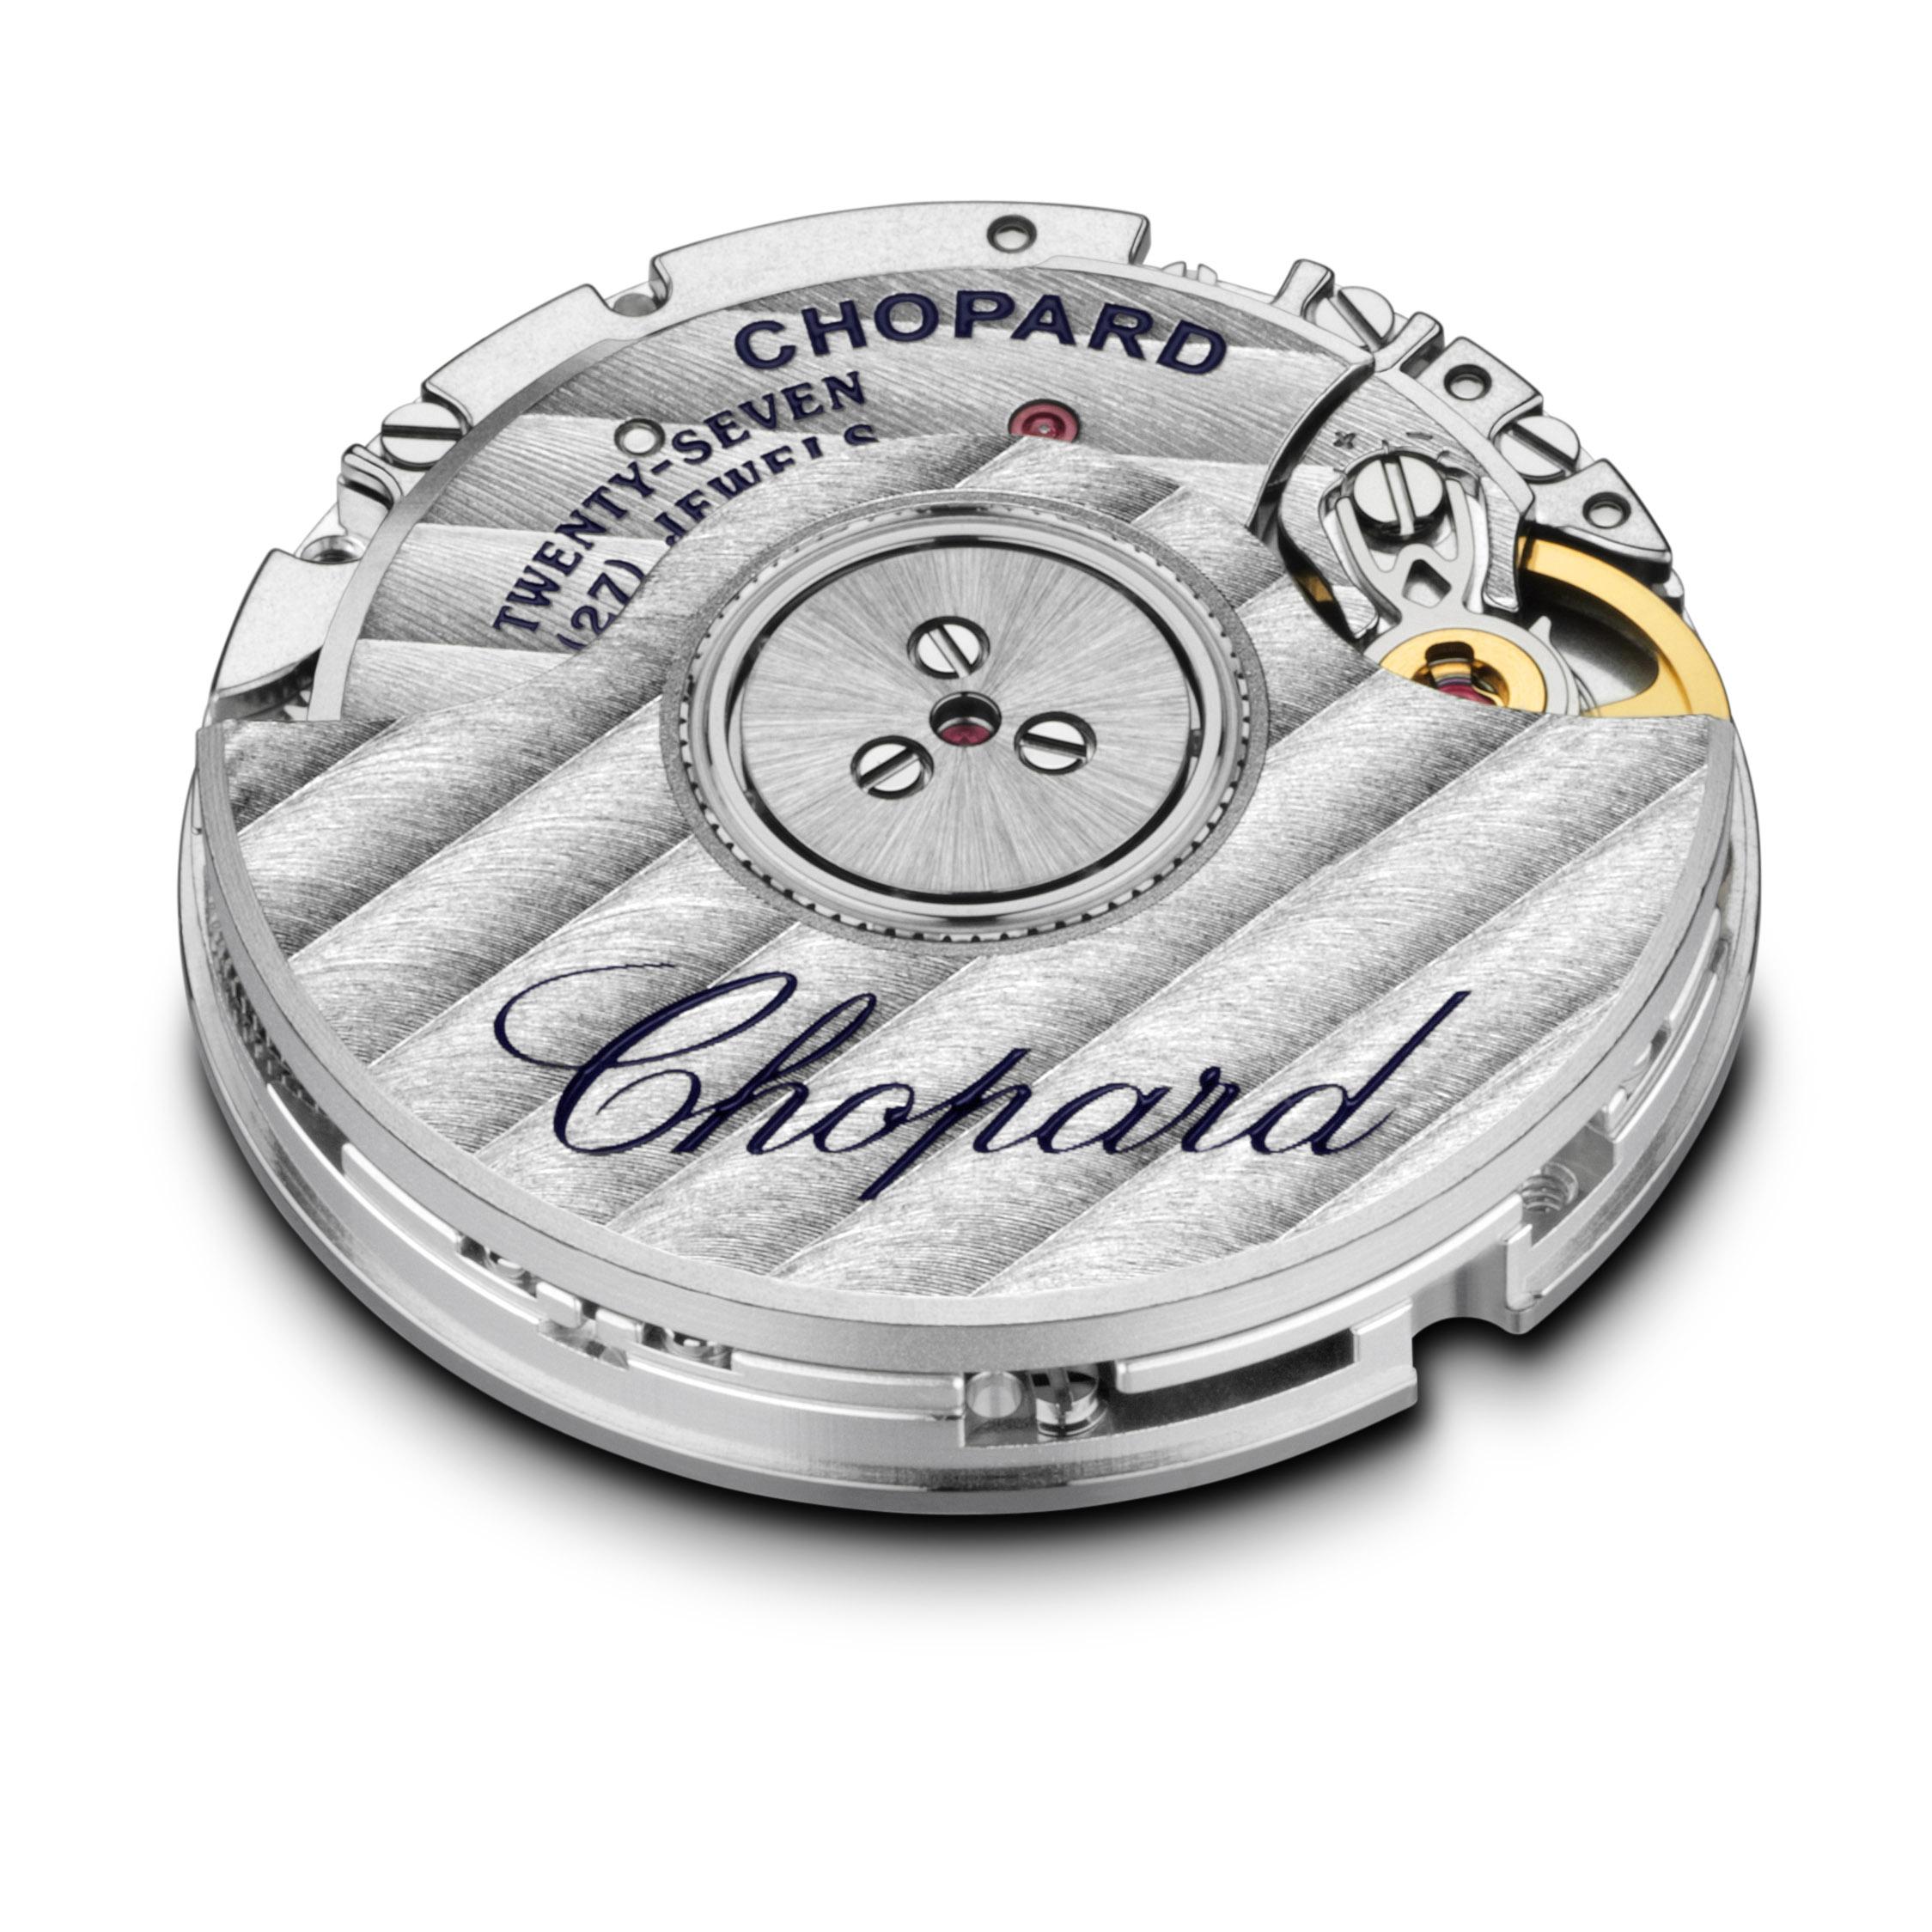 ساعة (Happy Sport the First) من دار شوبارد Chopard بحلة جديدة